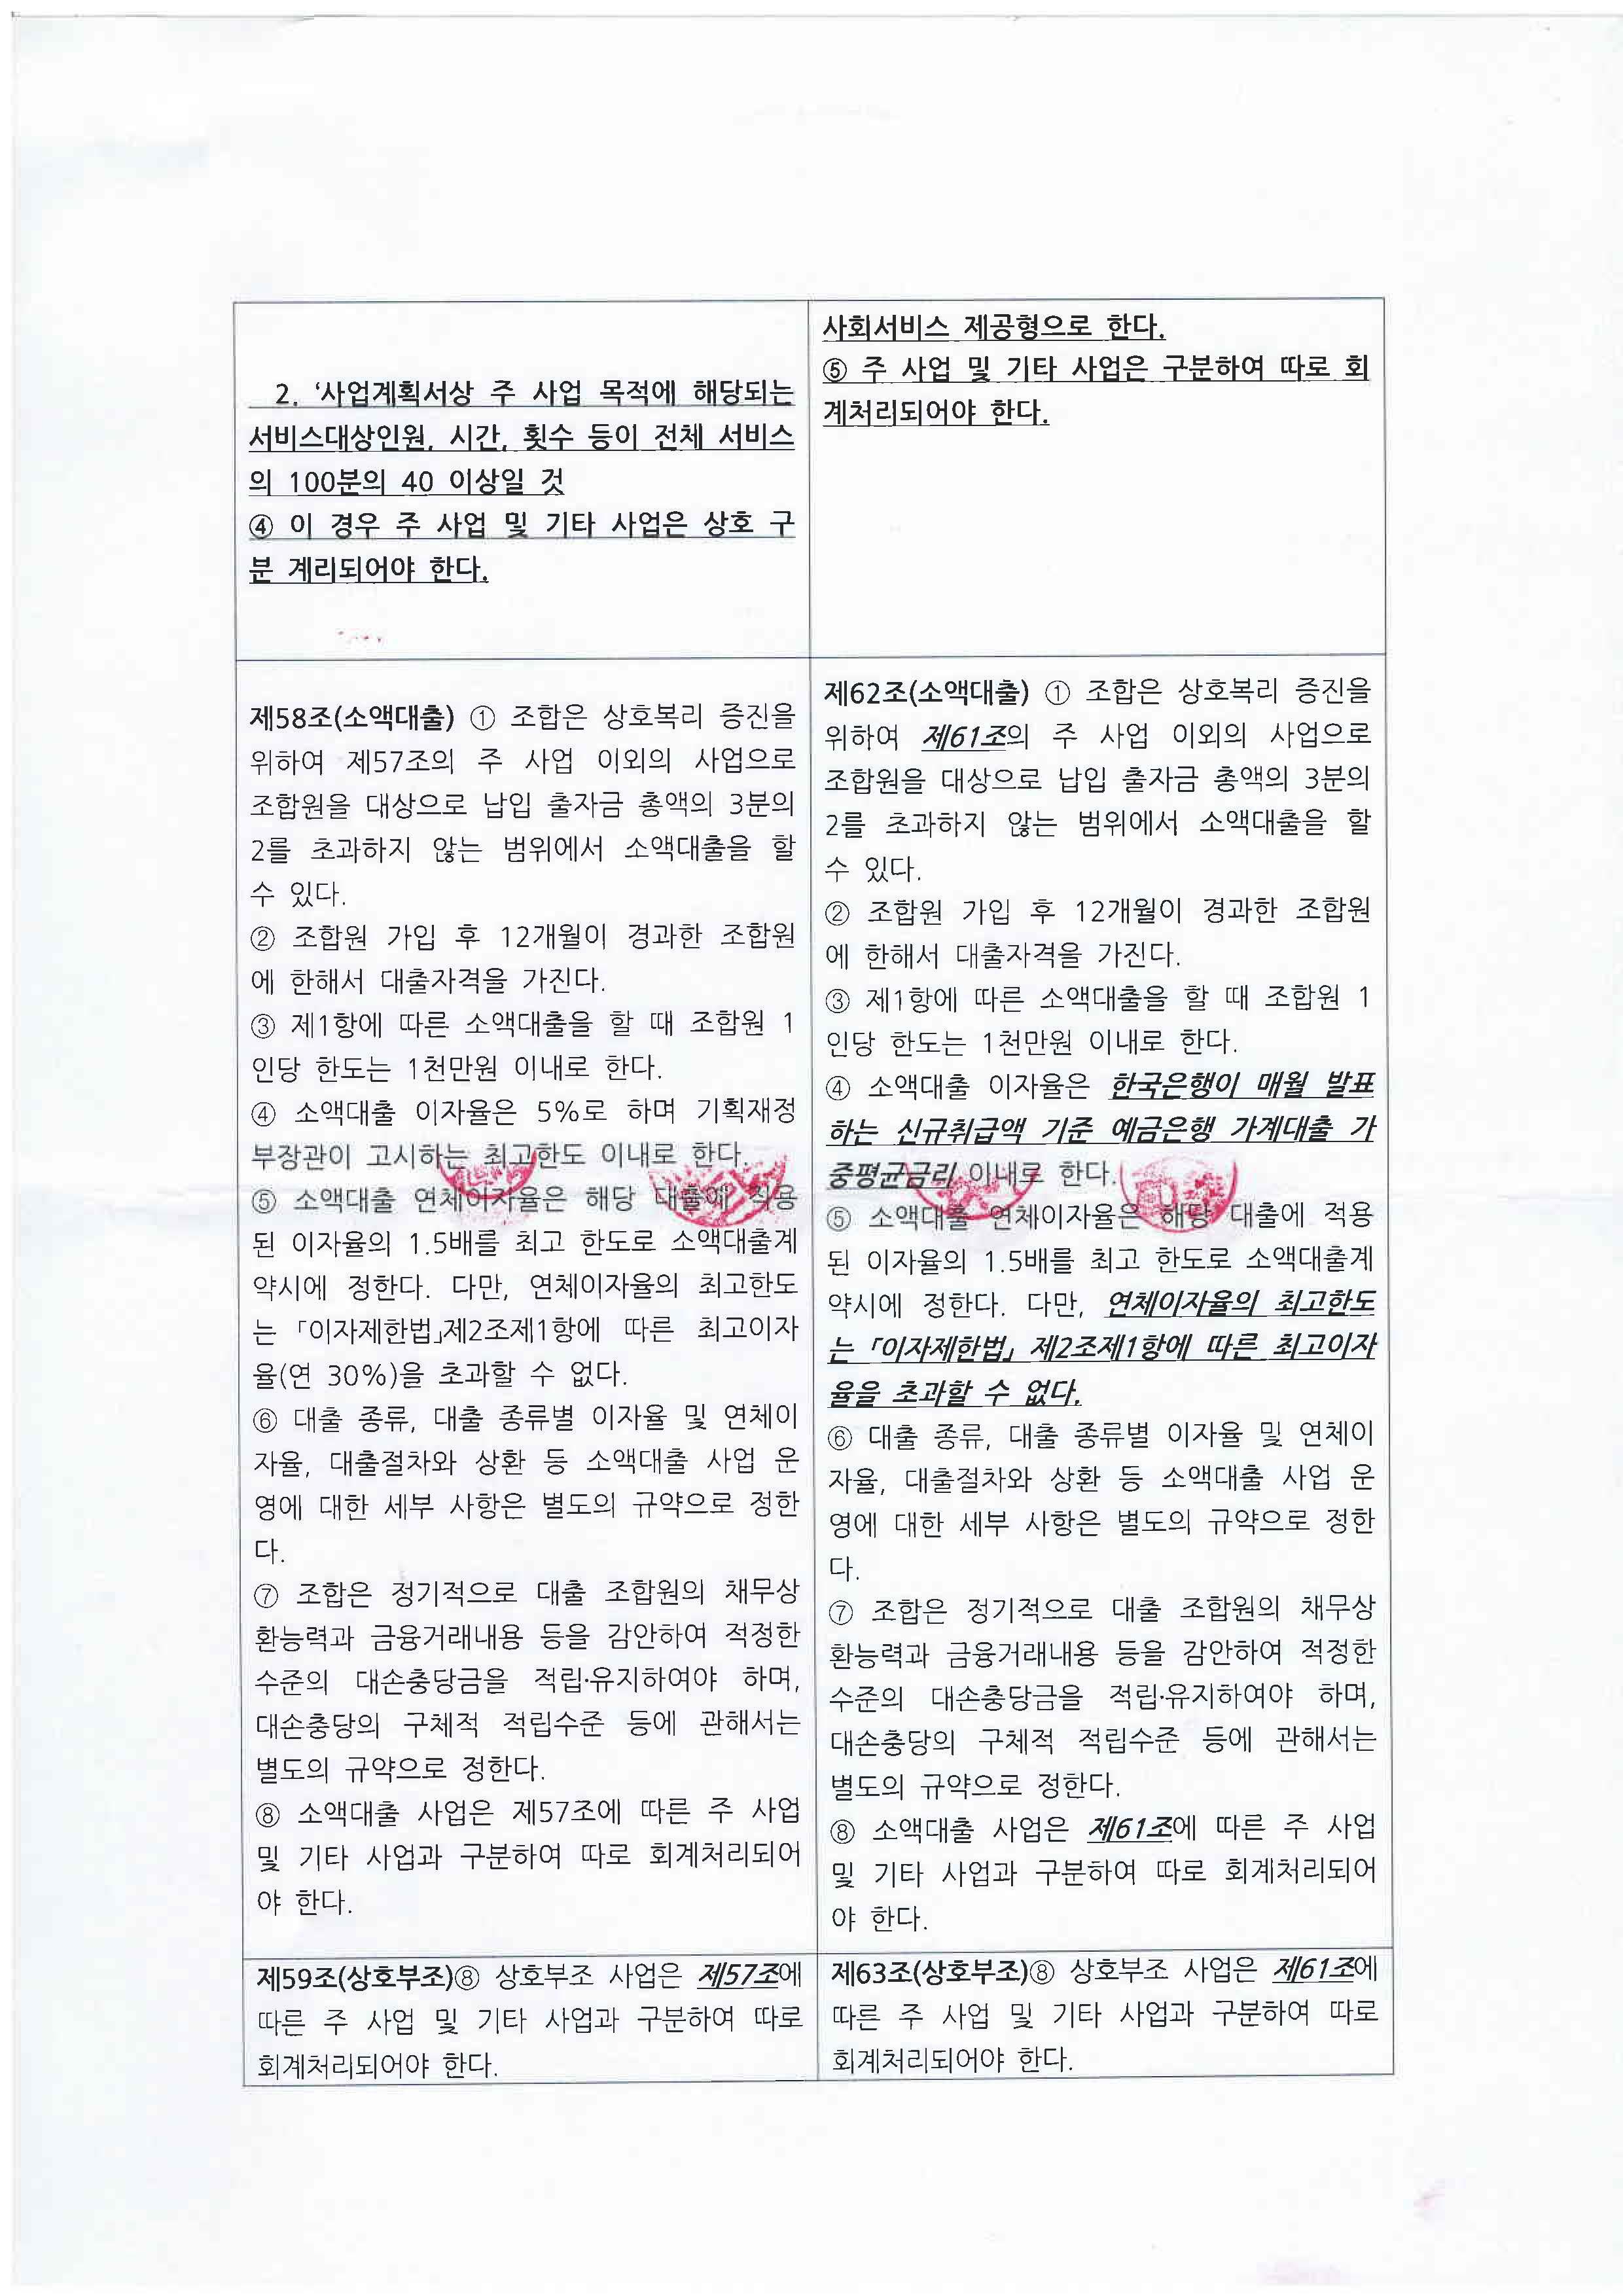 2018년 통합19차 정기총회 의사록(인감)_페이지_10.jpg